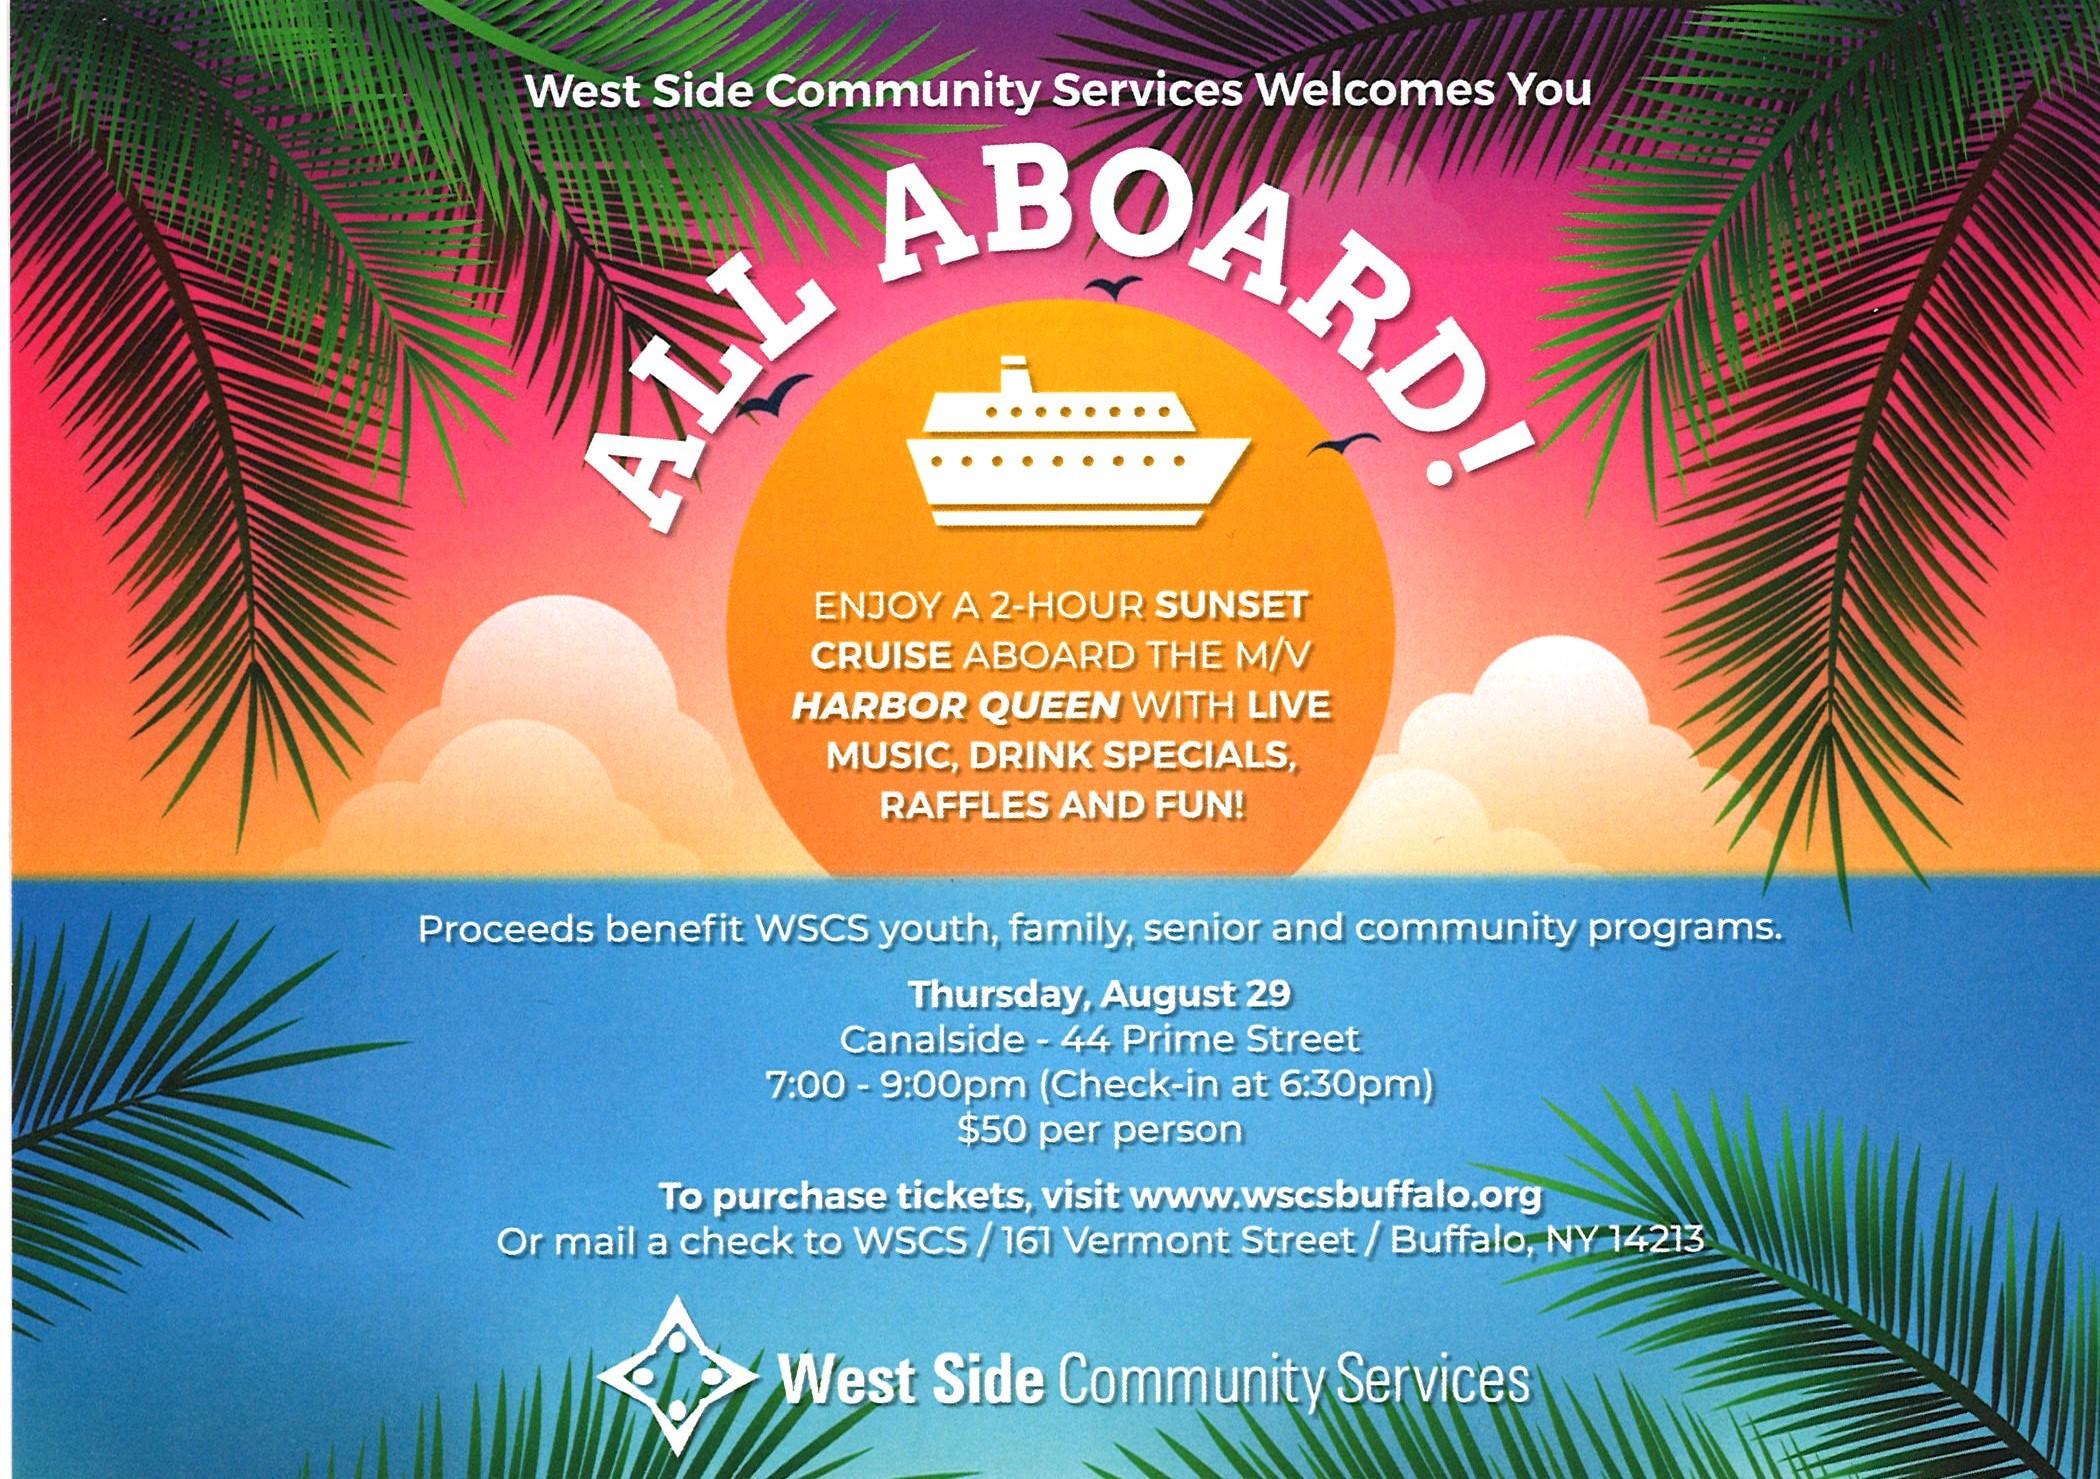 2019 all aboard invite.jpg